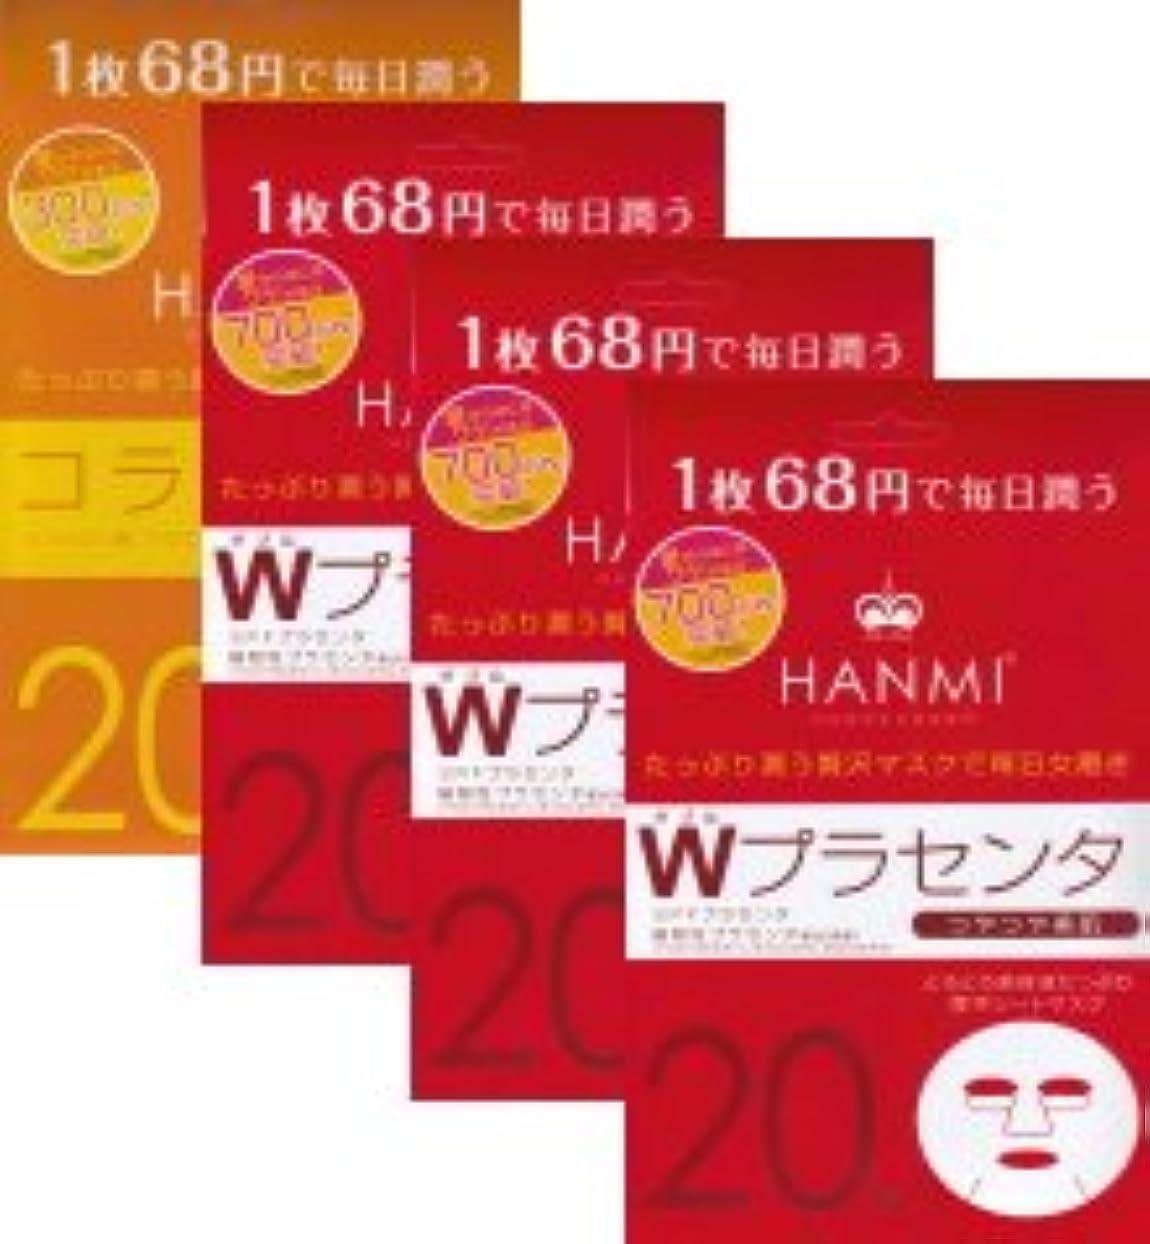 治安判事欠陥唯一MIGAKI ハンミフェイスマスク(20枚入り)「コラーゲン×1個」「Wプラセンタ×3個」の4個セット